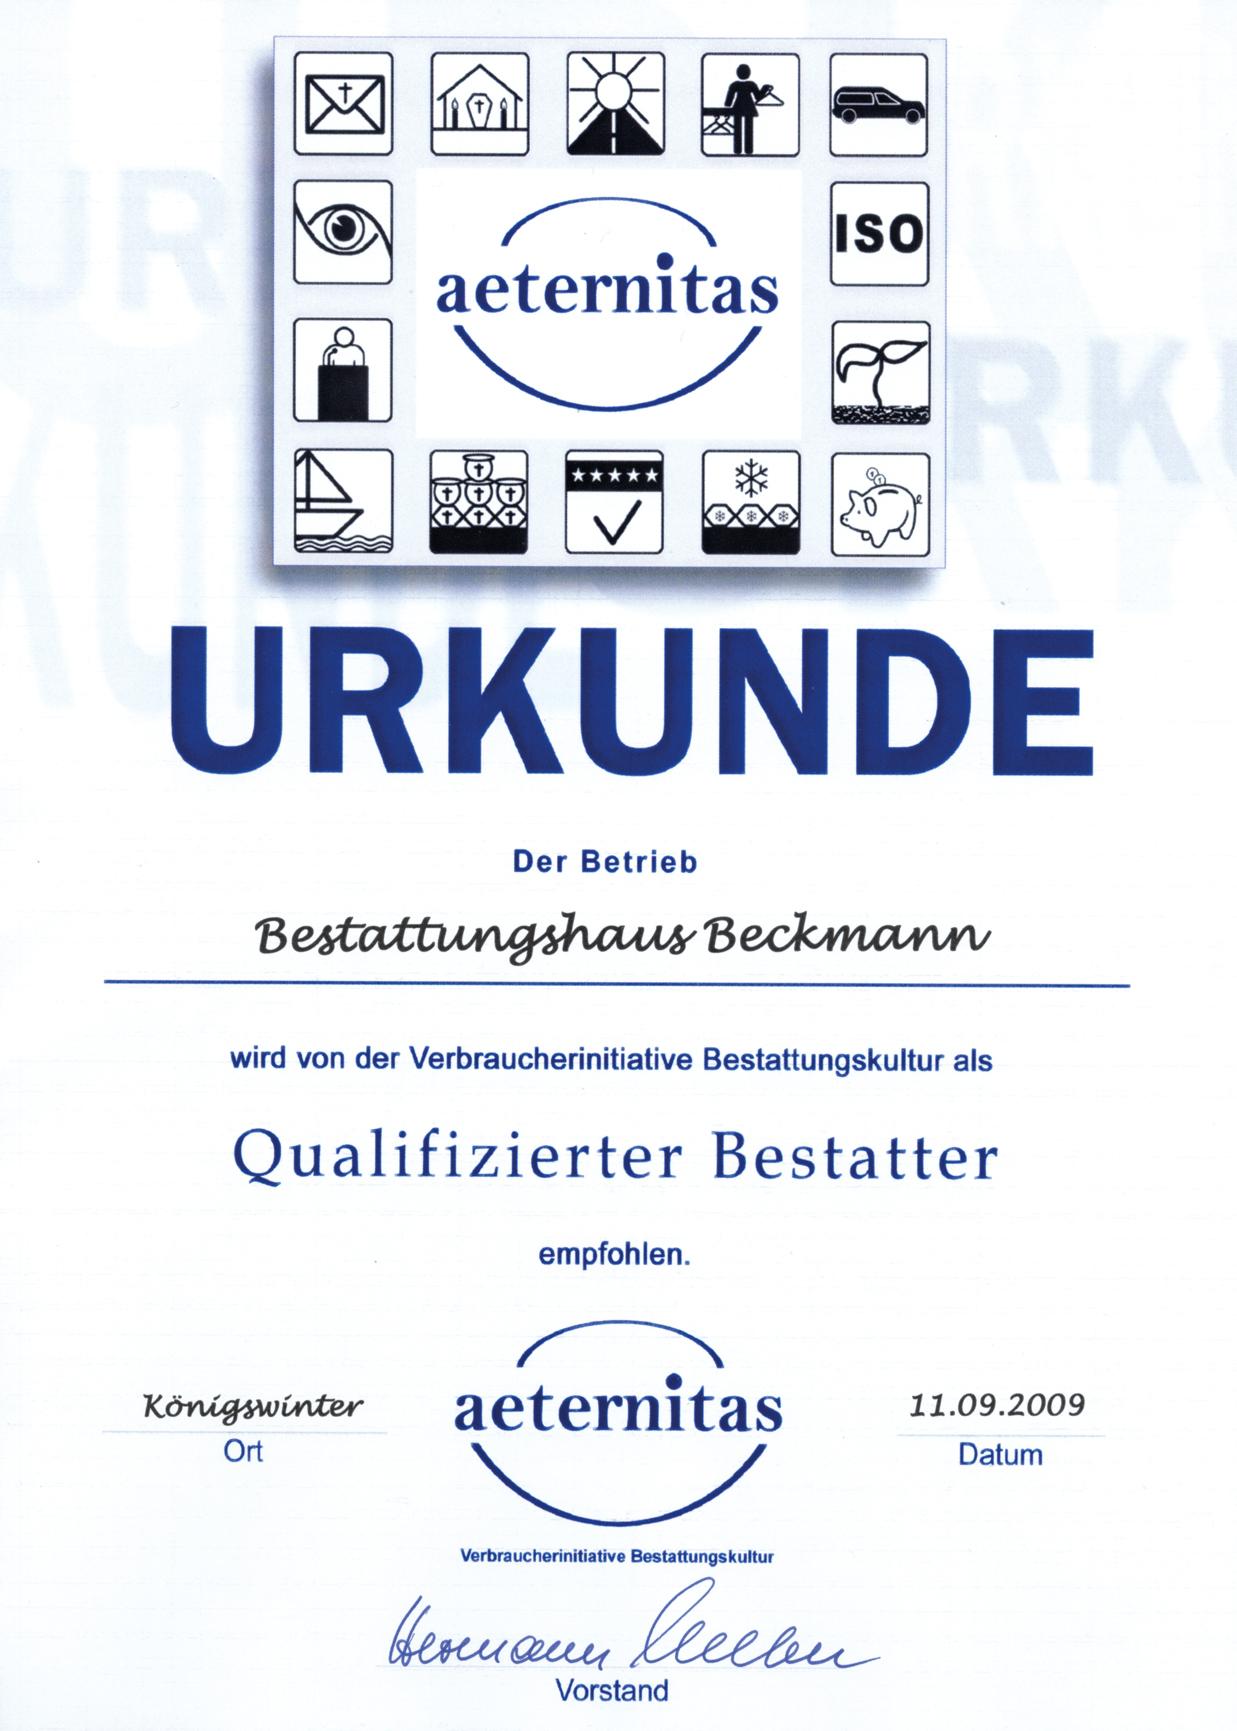 Urkunde aeternitas